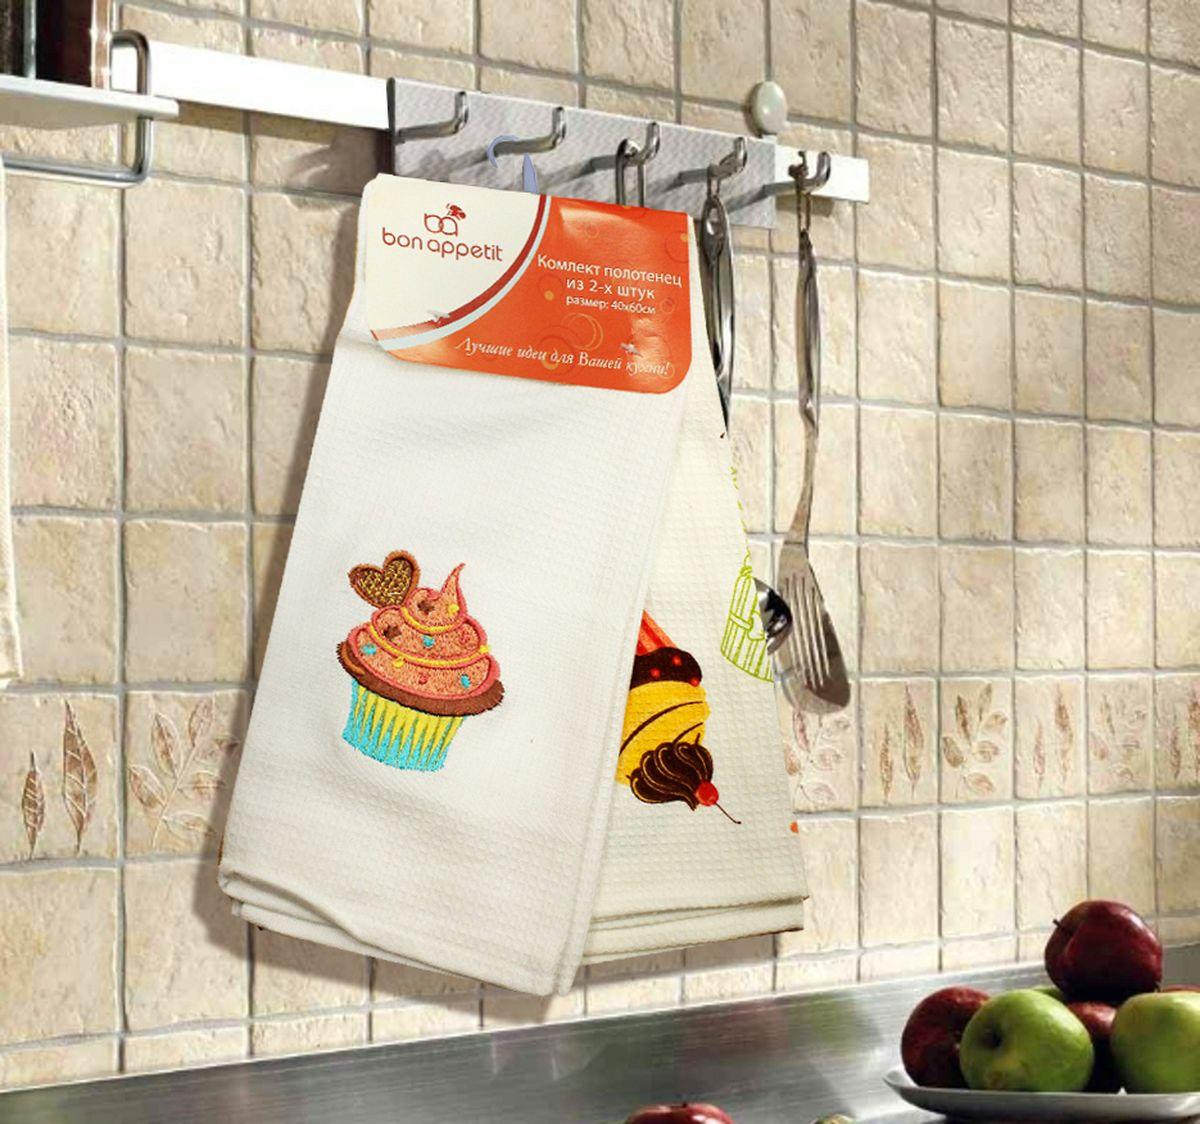 Набор кухонных полотенец Bon Appetit Cake, цвет: синий, 2 штVT-1520(SR)Кухонные полотенца Bon Appetit Cake идеально дополнят интерьер вашей кухни и создадут атмосферу уюта и комфорта. Полотенца выполнены из натурального 100% хлопка, поэтому являются экологически чистыми. Качество материала гарантирует безопасность не только взрослых, но и самых маленьких членов семьи.Размер полотенца: 40 х 60 см. В комплекте: 2 полотенца.